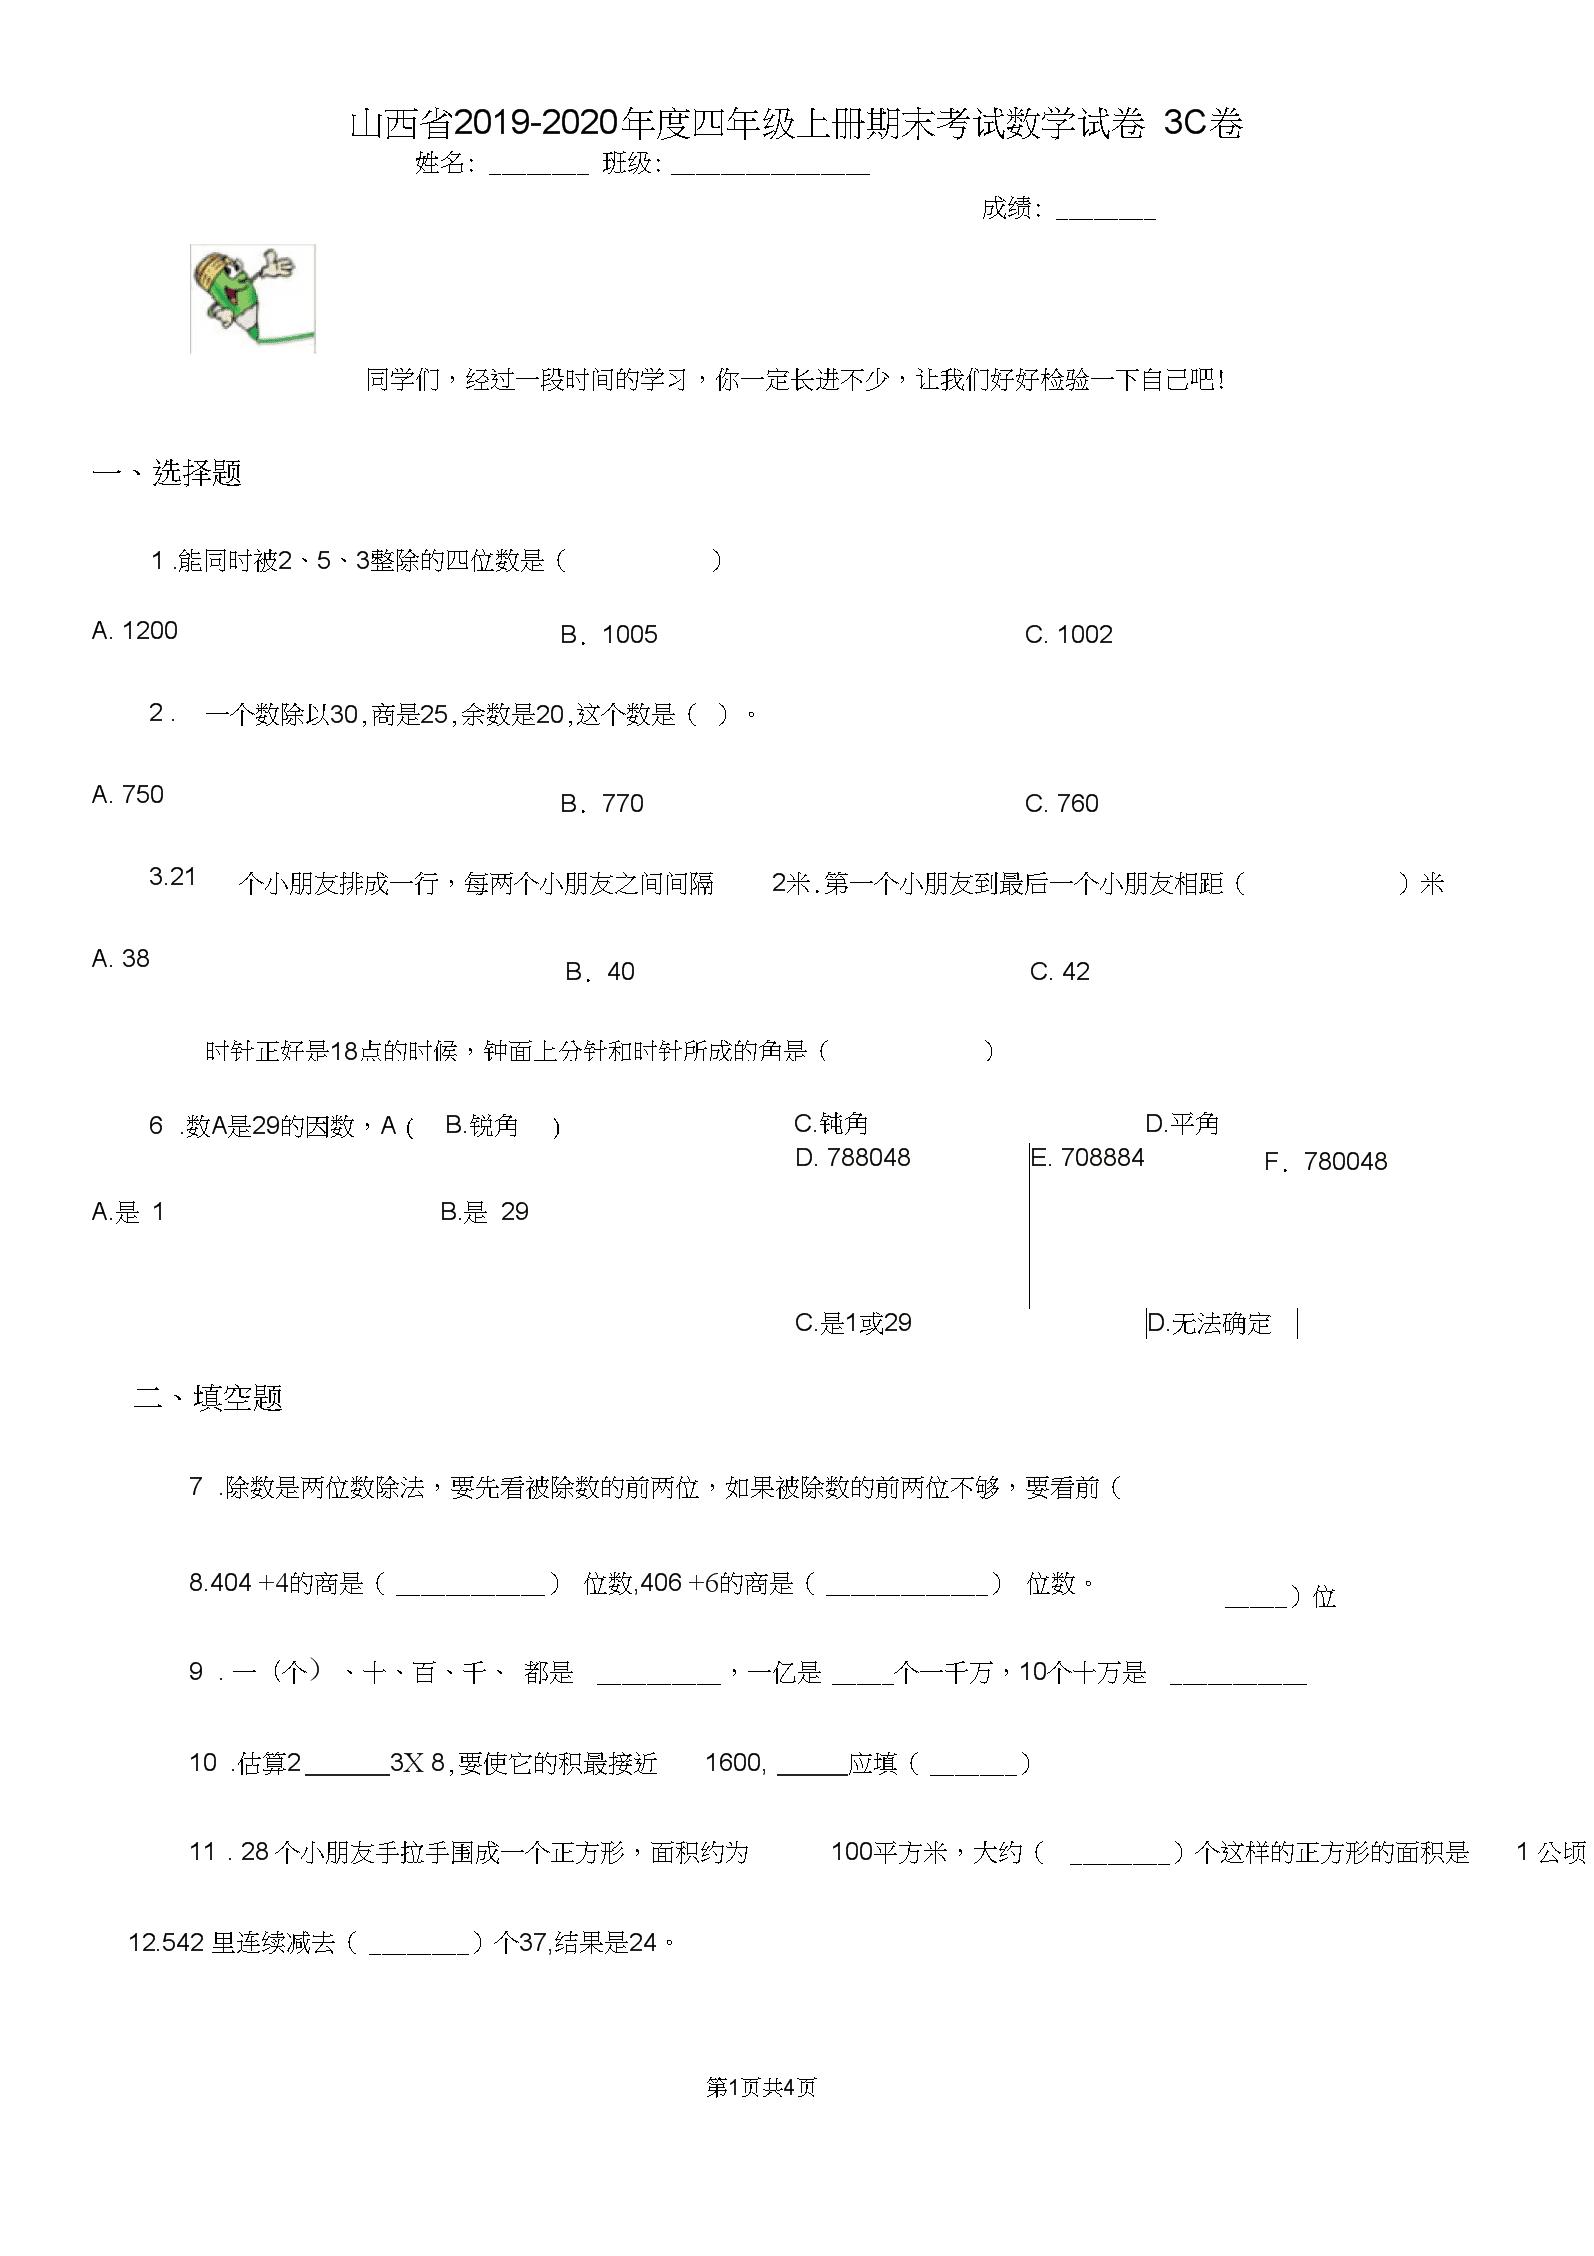 山西省2019-2020年度四年级上册期末考试数学试卷3C卷.docx